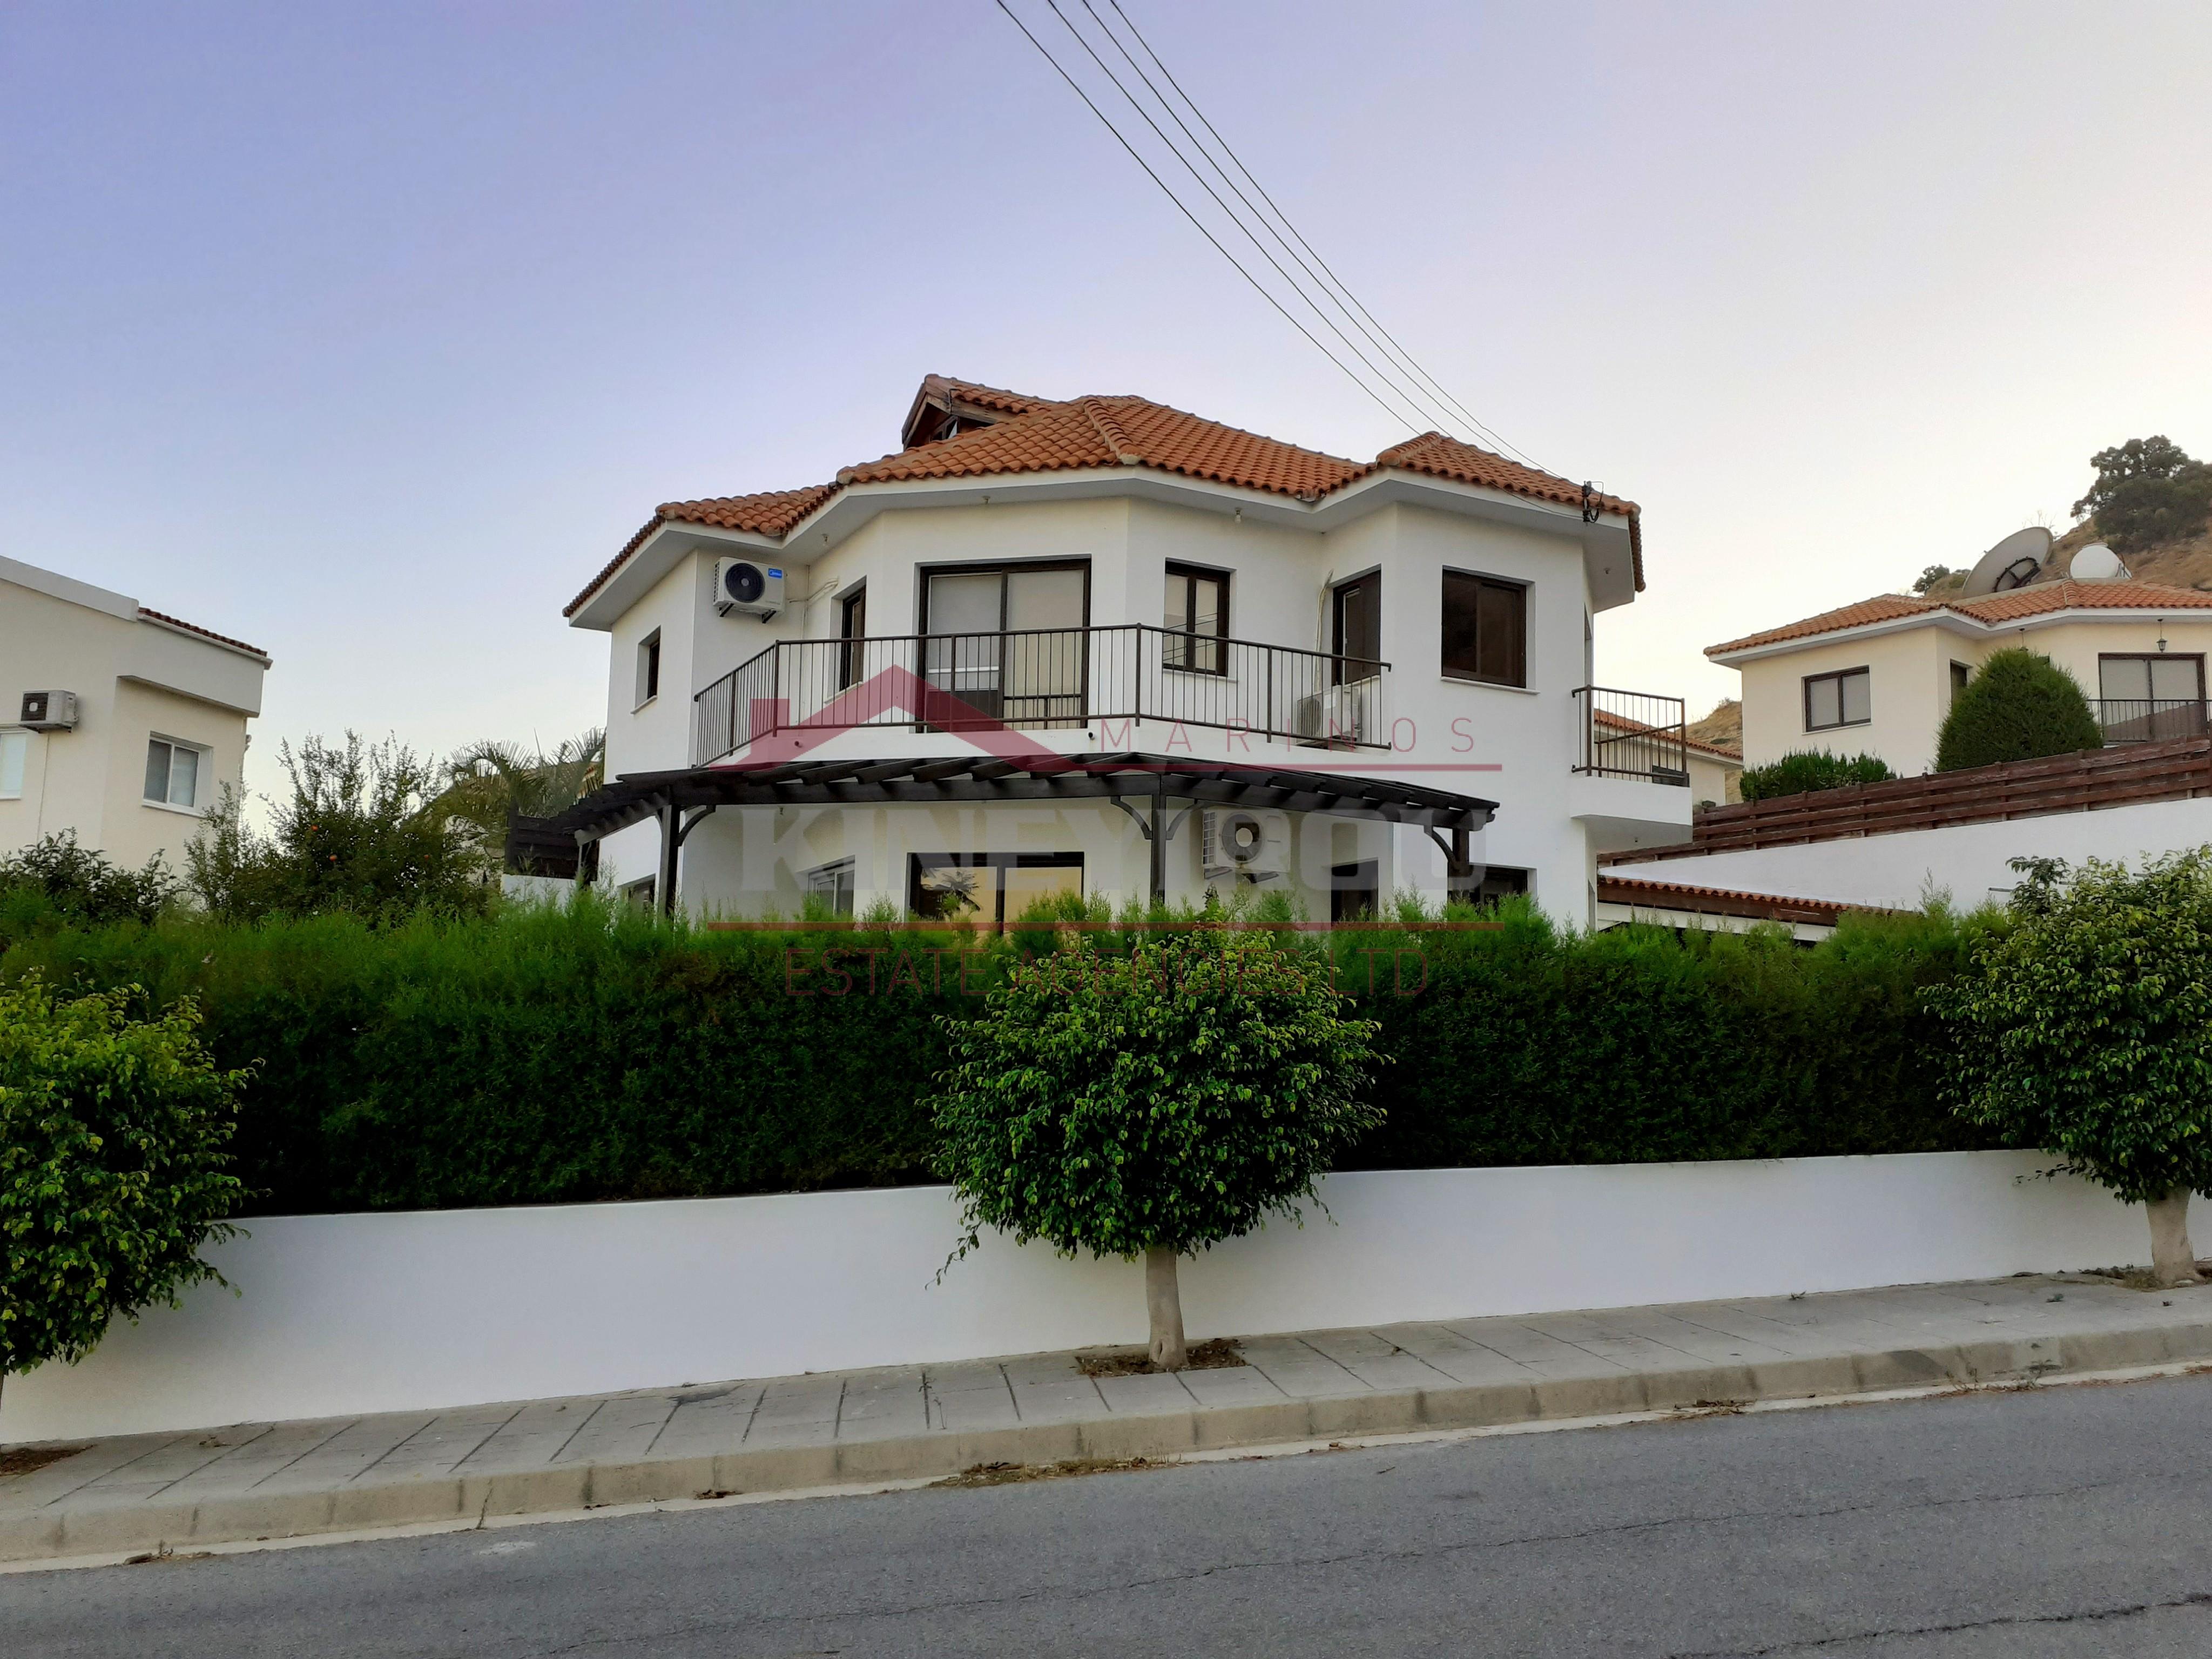 House in Oroklini, Larnaca